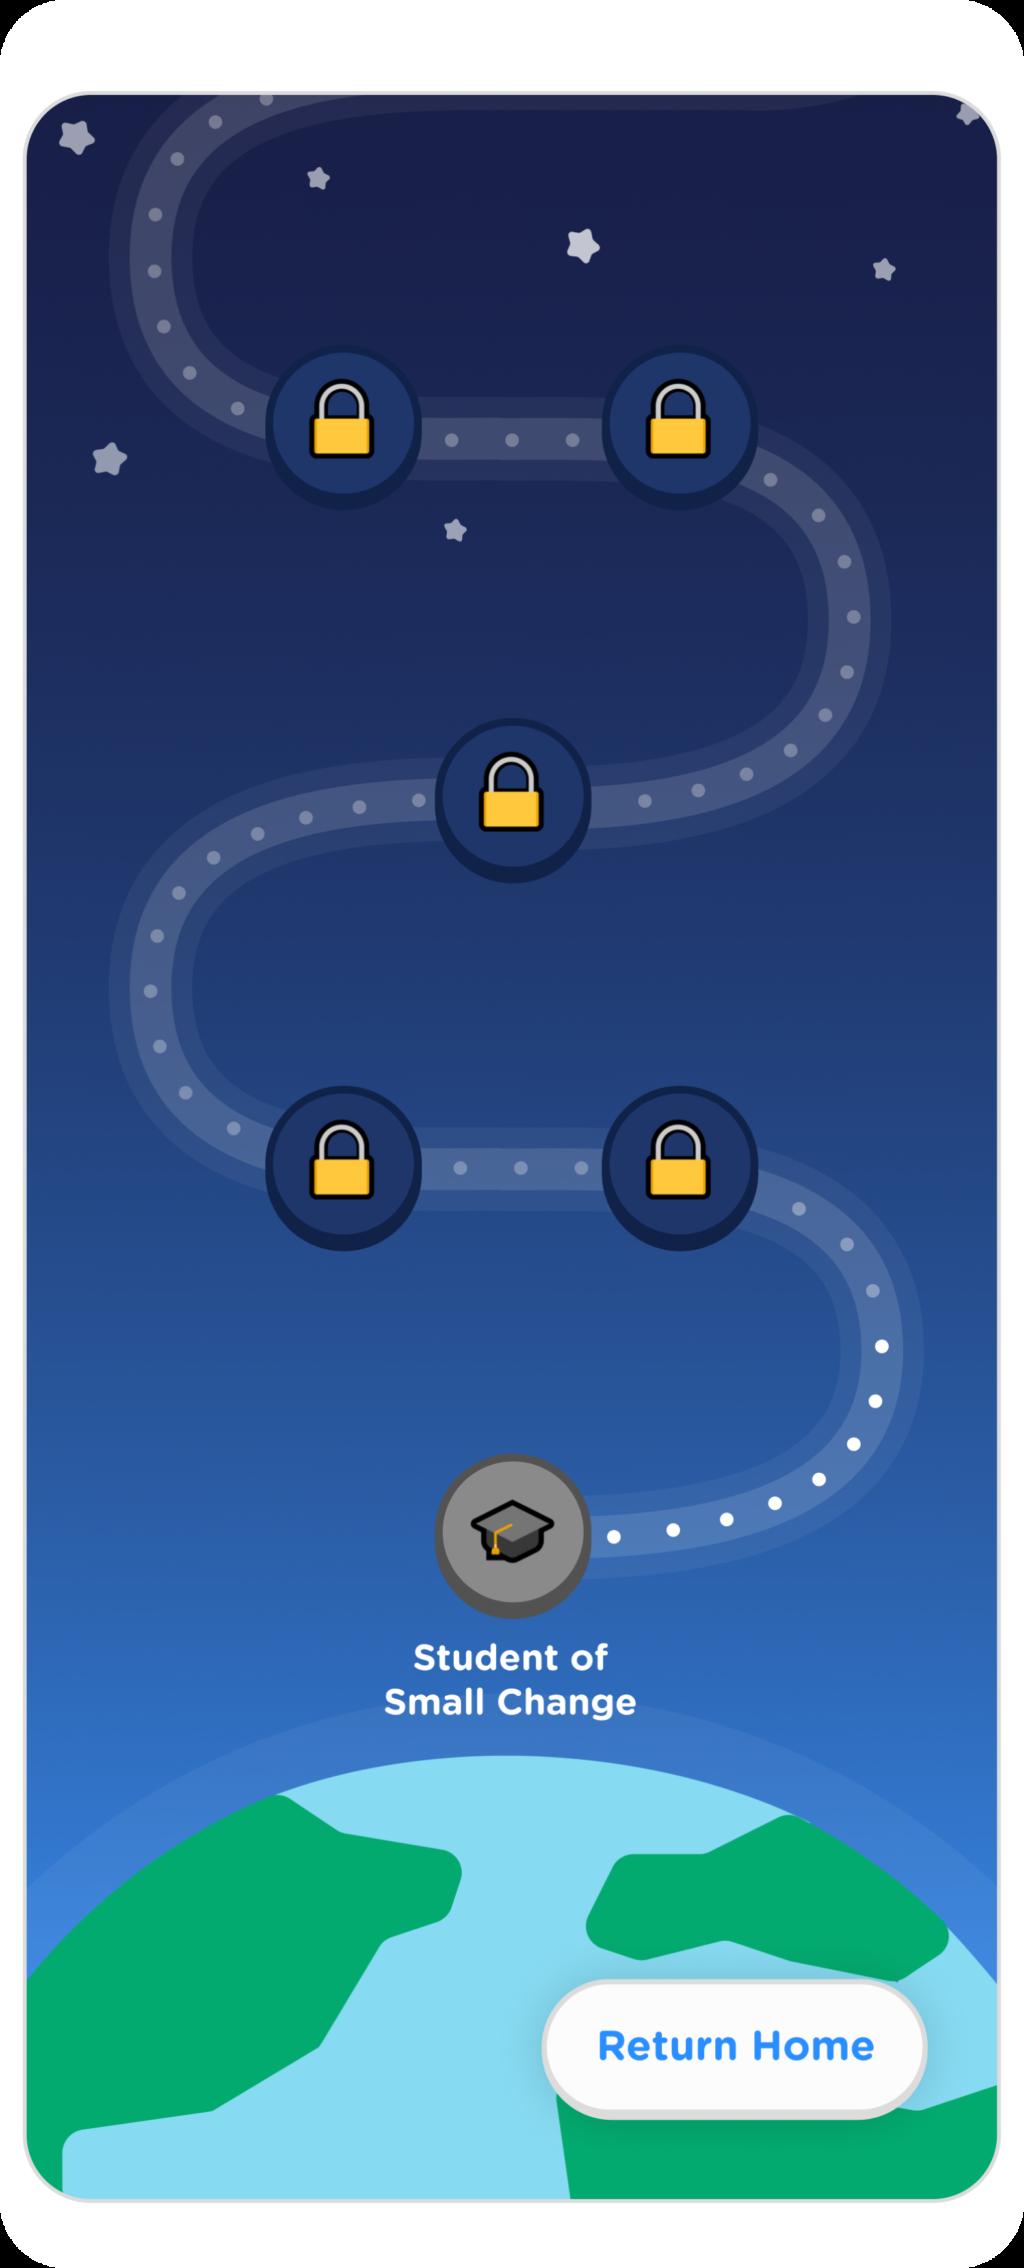 zogo-app screenshot-user journey